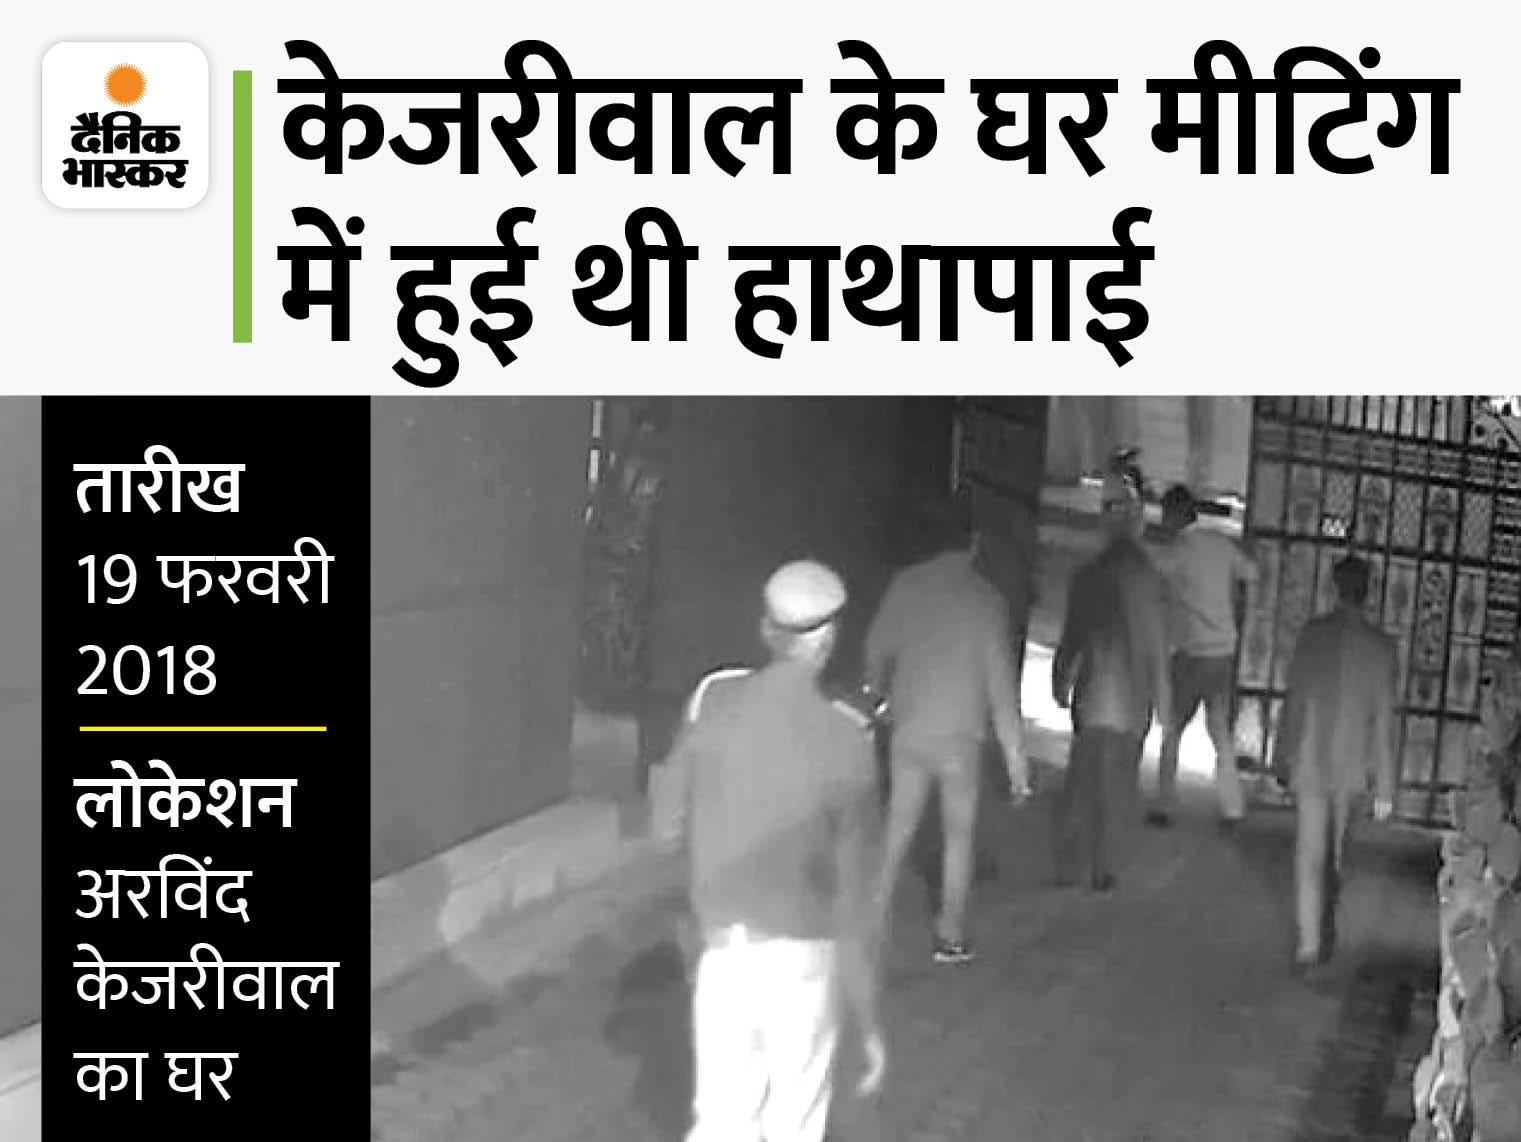 आम आदमी पार्टी के विधायक अमानतुल्लाह खान पूर्व मुख्य सचिव के साथ मारपीट के दोषी पाए गए, सीएम केजरीवाल समेत 9 आरोपी बरी देश,National - Dainik Bhaskar